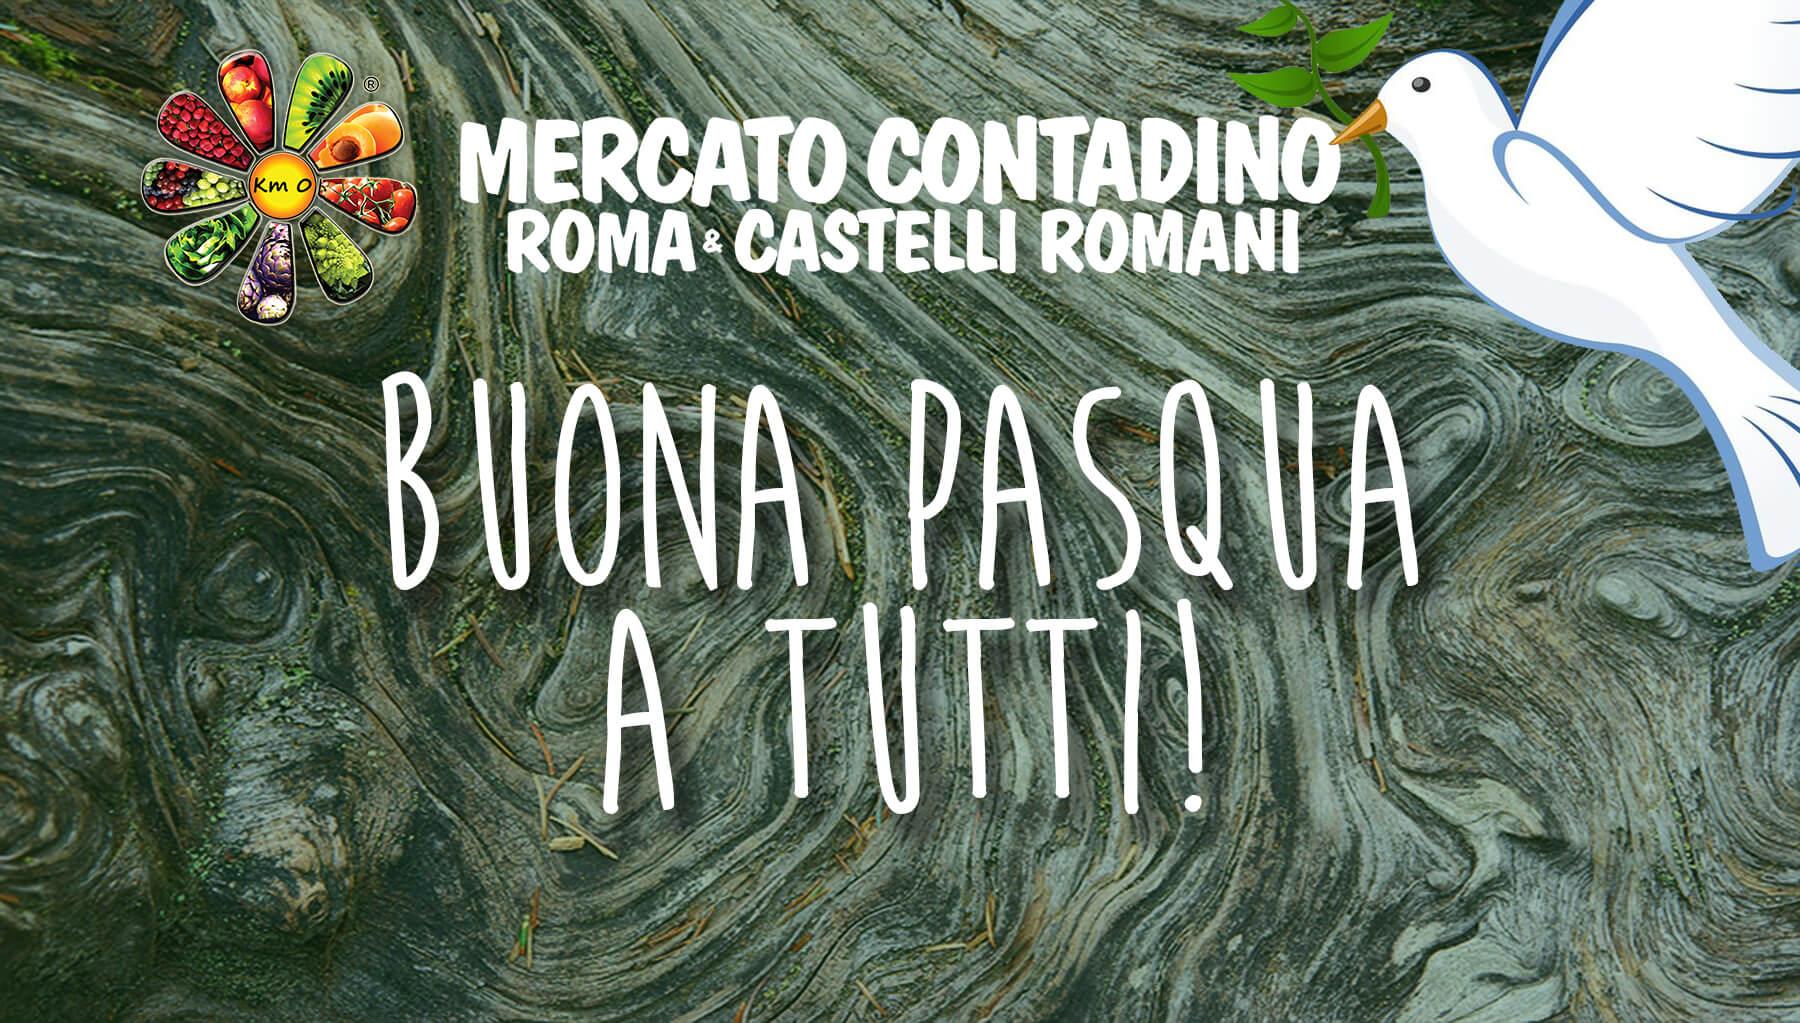 buona_pasqua_2018_mercato_contadino_roma_castelli_romani